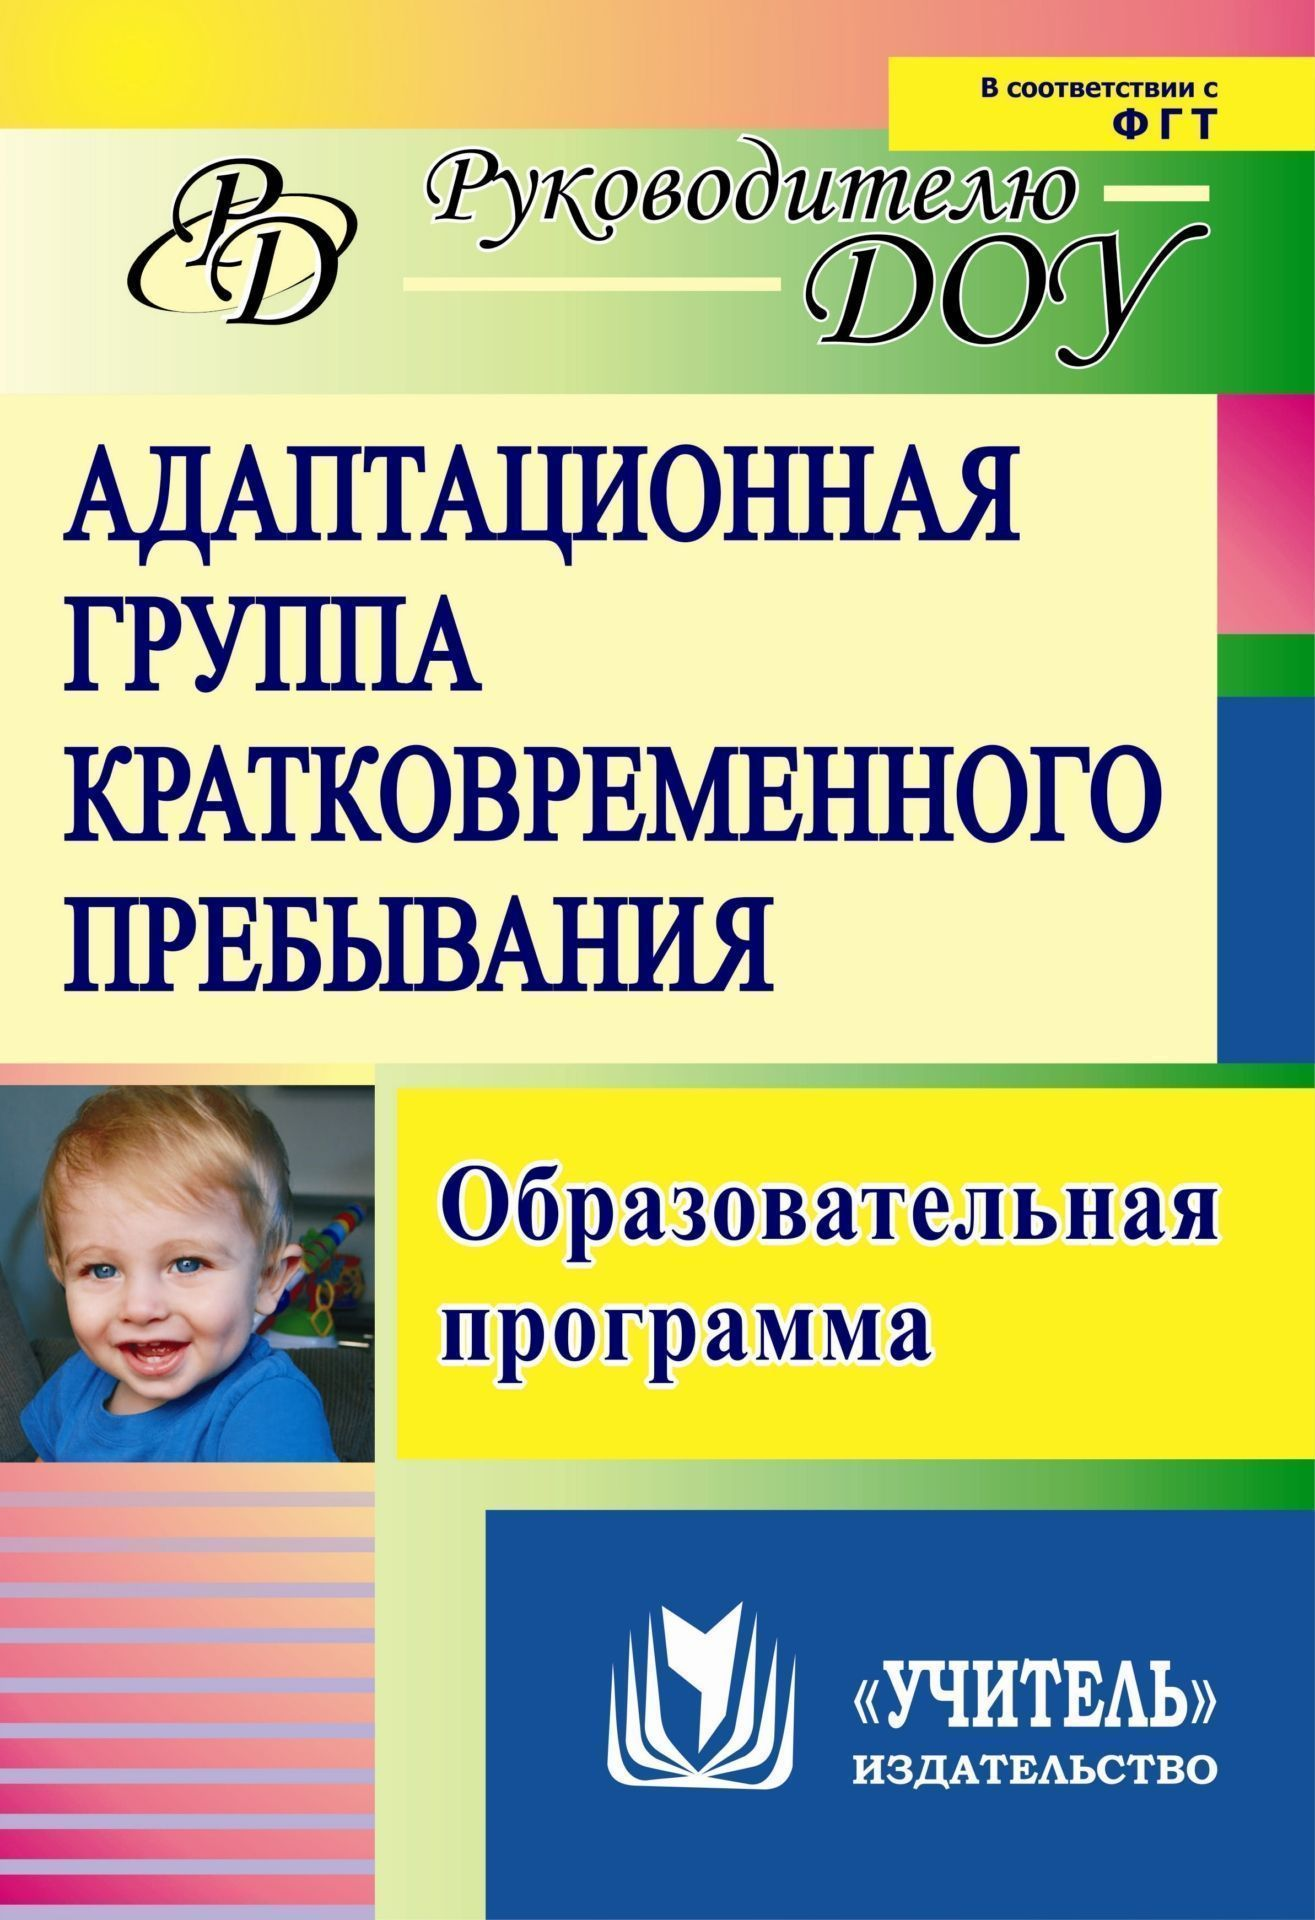 Адаптационная группа кратковременного пребывания: образовательная программаВоспитателю ДОО<br>Адаптация к условиям детского сада - важный период в жизни малышей, когда руководители дошкольных учреждений стоят перед дилеммой: как в первые годы жизни ребенка обеспечить его физическое, умственное, нравственное и эстетическое развитие в психологически...<br><br>Авторы: Бахаровская М. Н.<br>Год: 2013<br>Серия: Руководителю ДОУ<br>ISBN: 978-5-7057-3003-2<br>Высота: 285<br>Ширина: 197<br>Толщина: 3<br>Переплёт: мягкая, скрепка